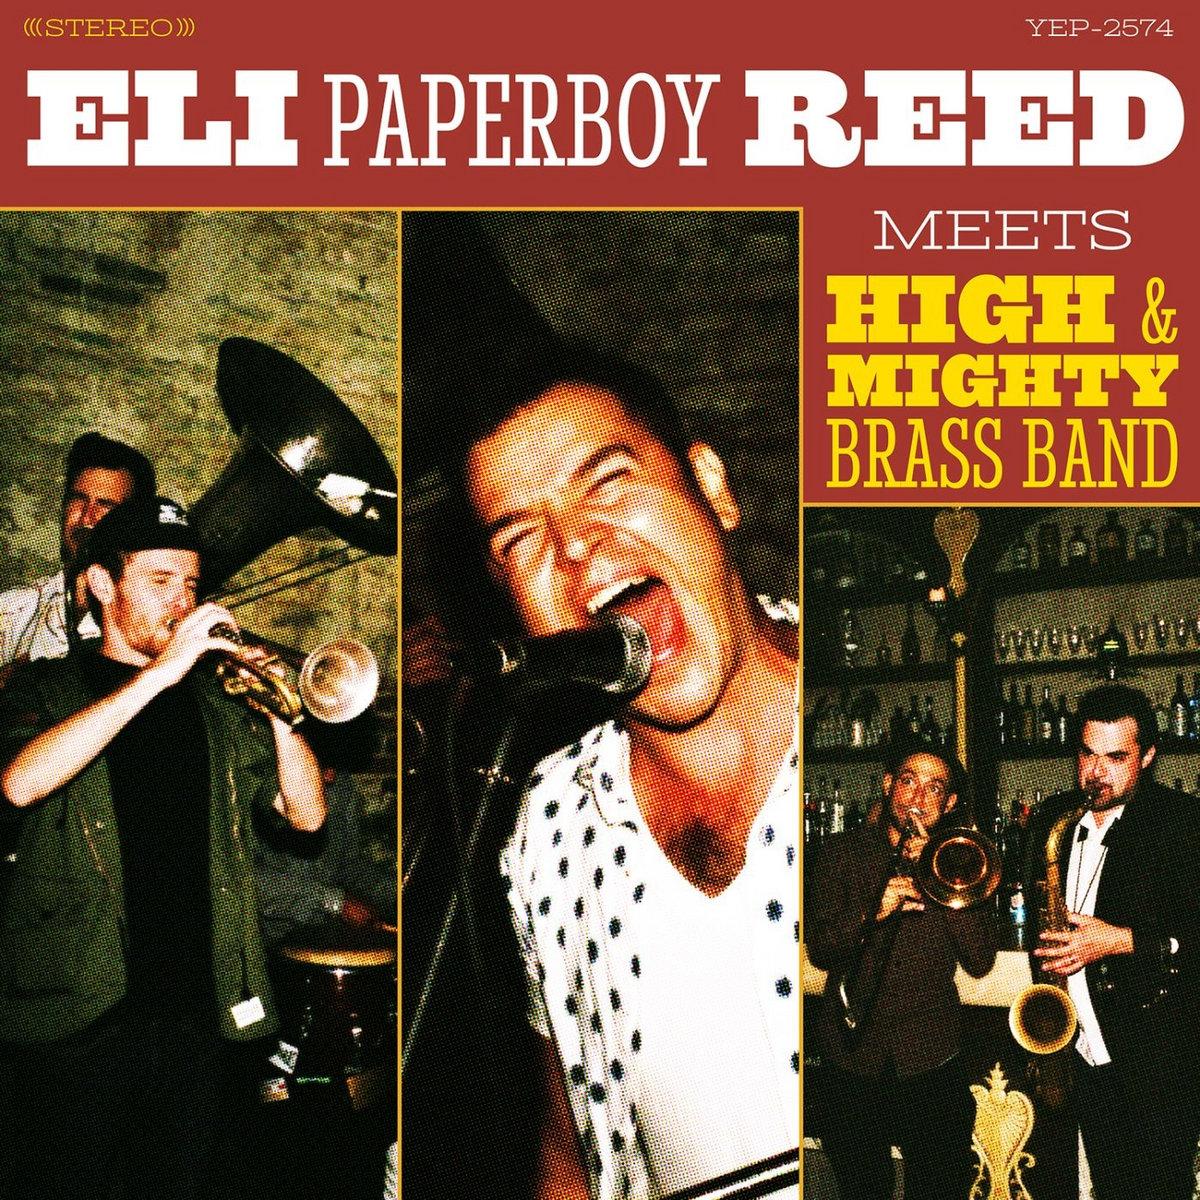 woohoo eli paperboy reed